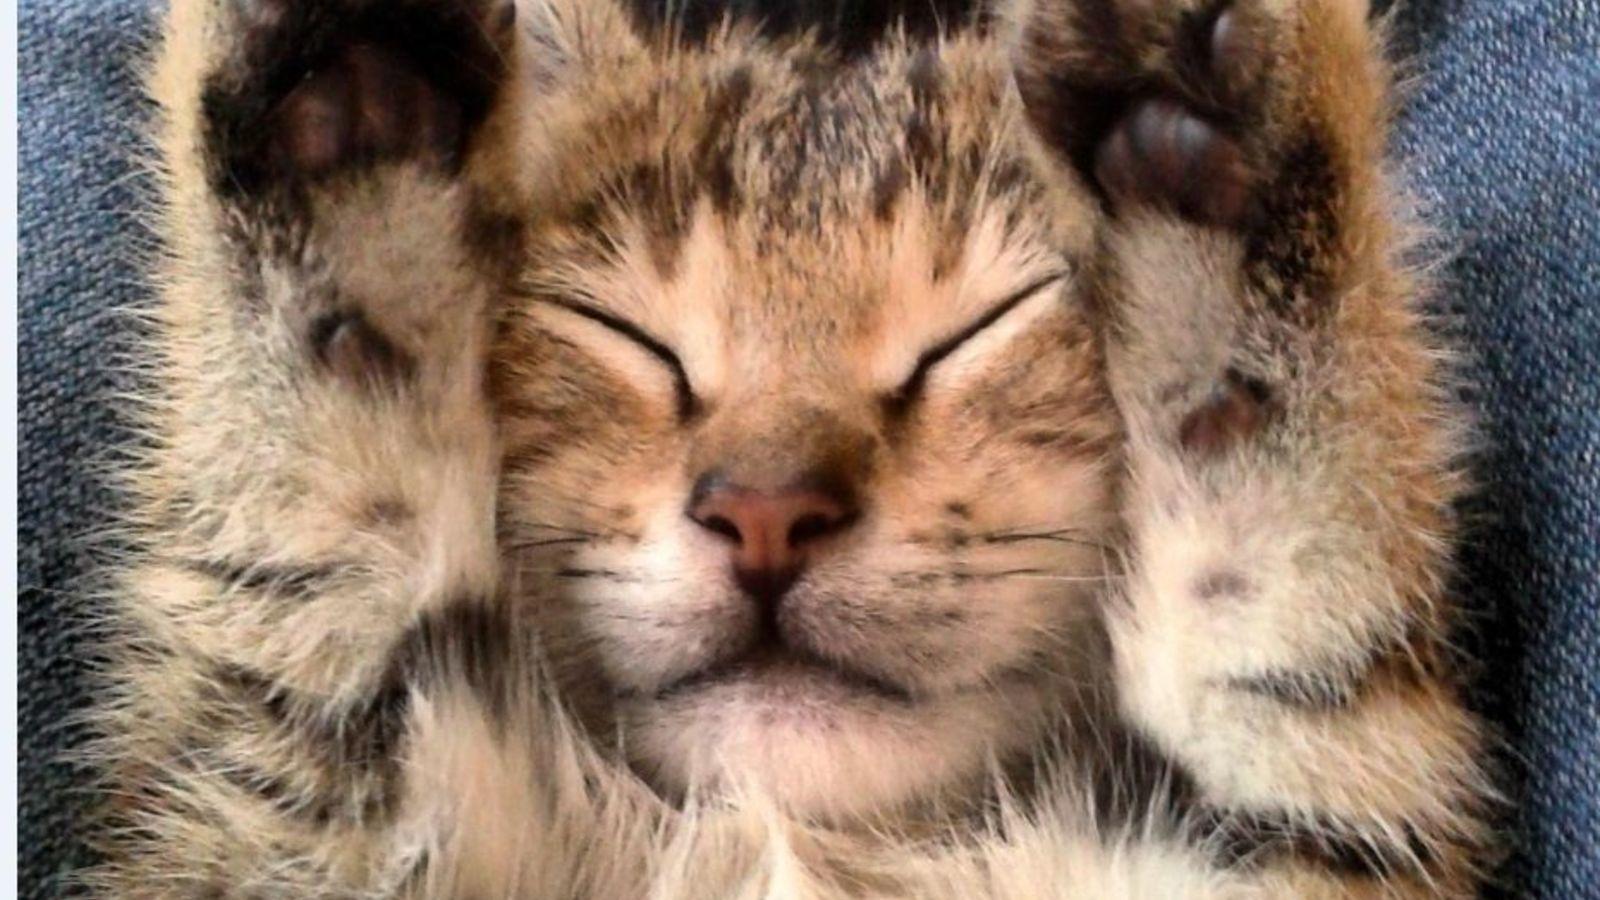 quieres-acariciar-y-ronronear-visita-un-cafe-para-gatos-y-dejate-llevar